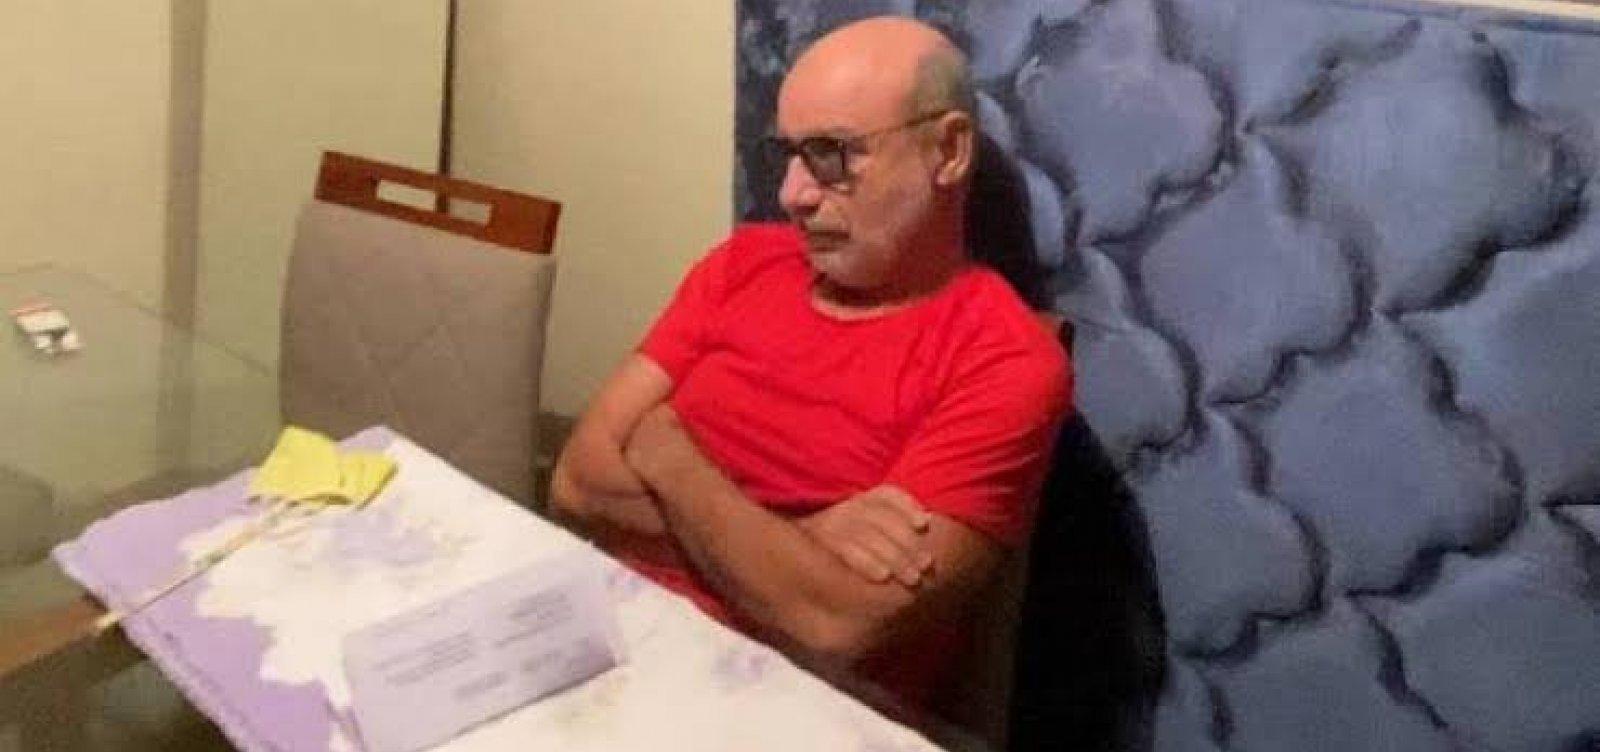 [Depósito de Queiroz ajudou mulher de Flávio Bolsonaro a quitar parcela de apartamento]